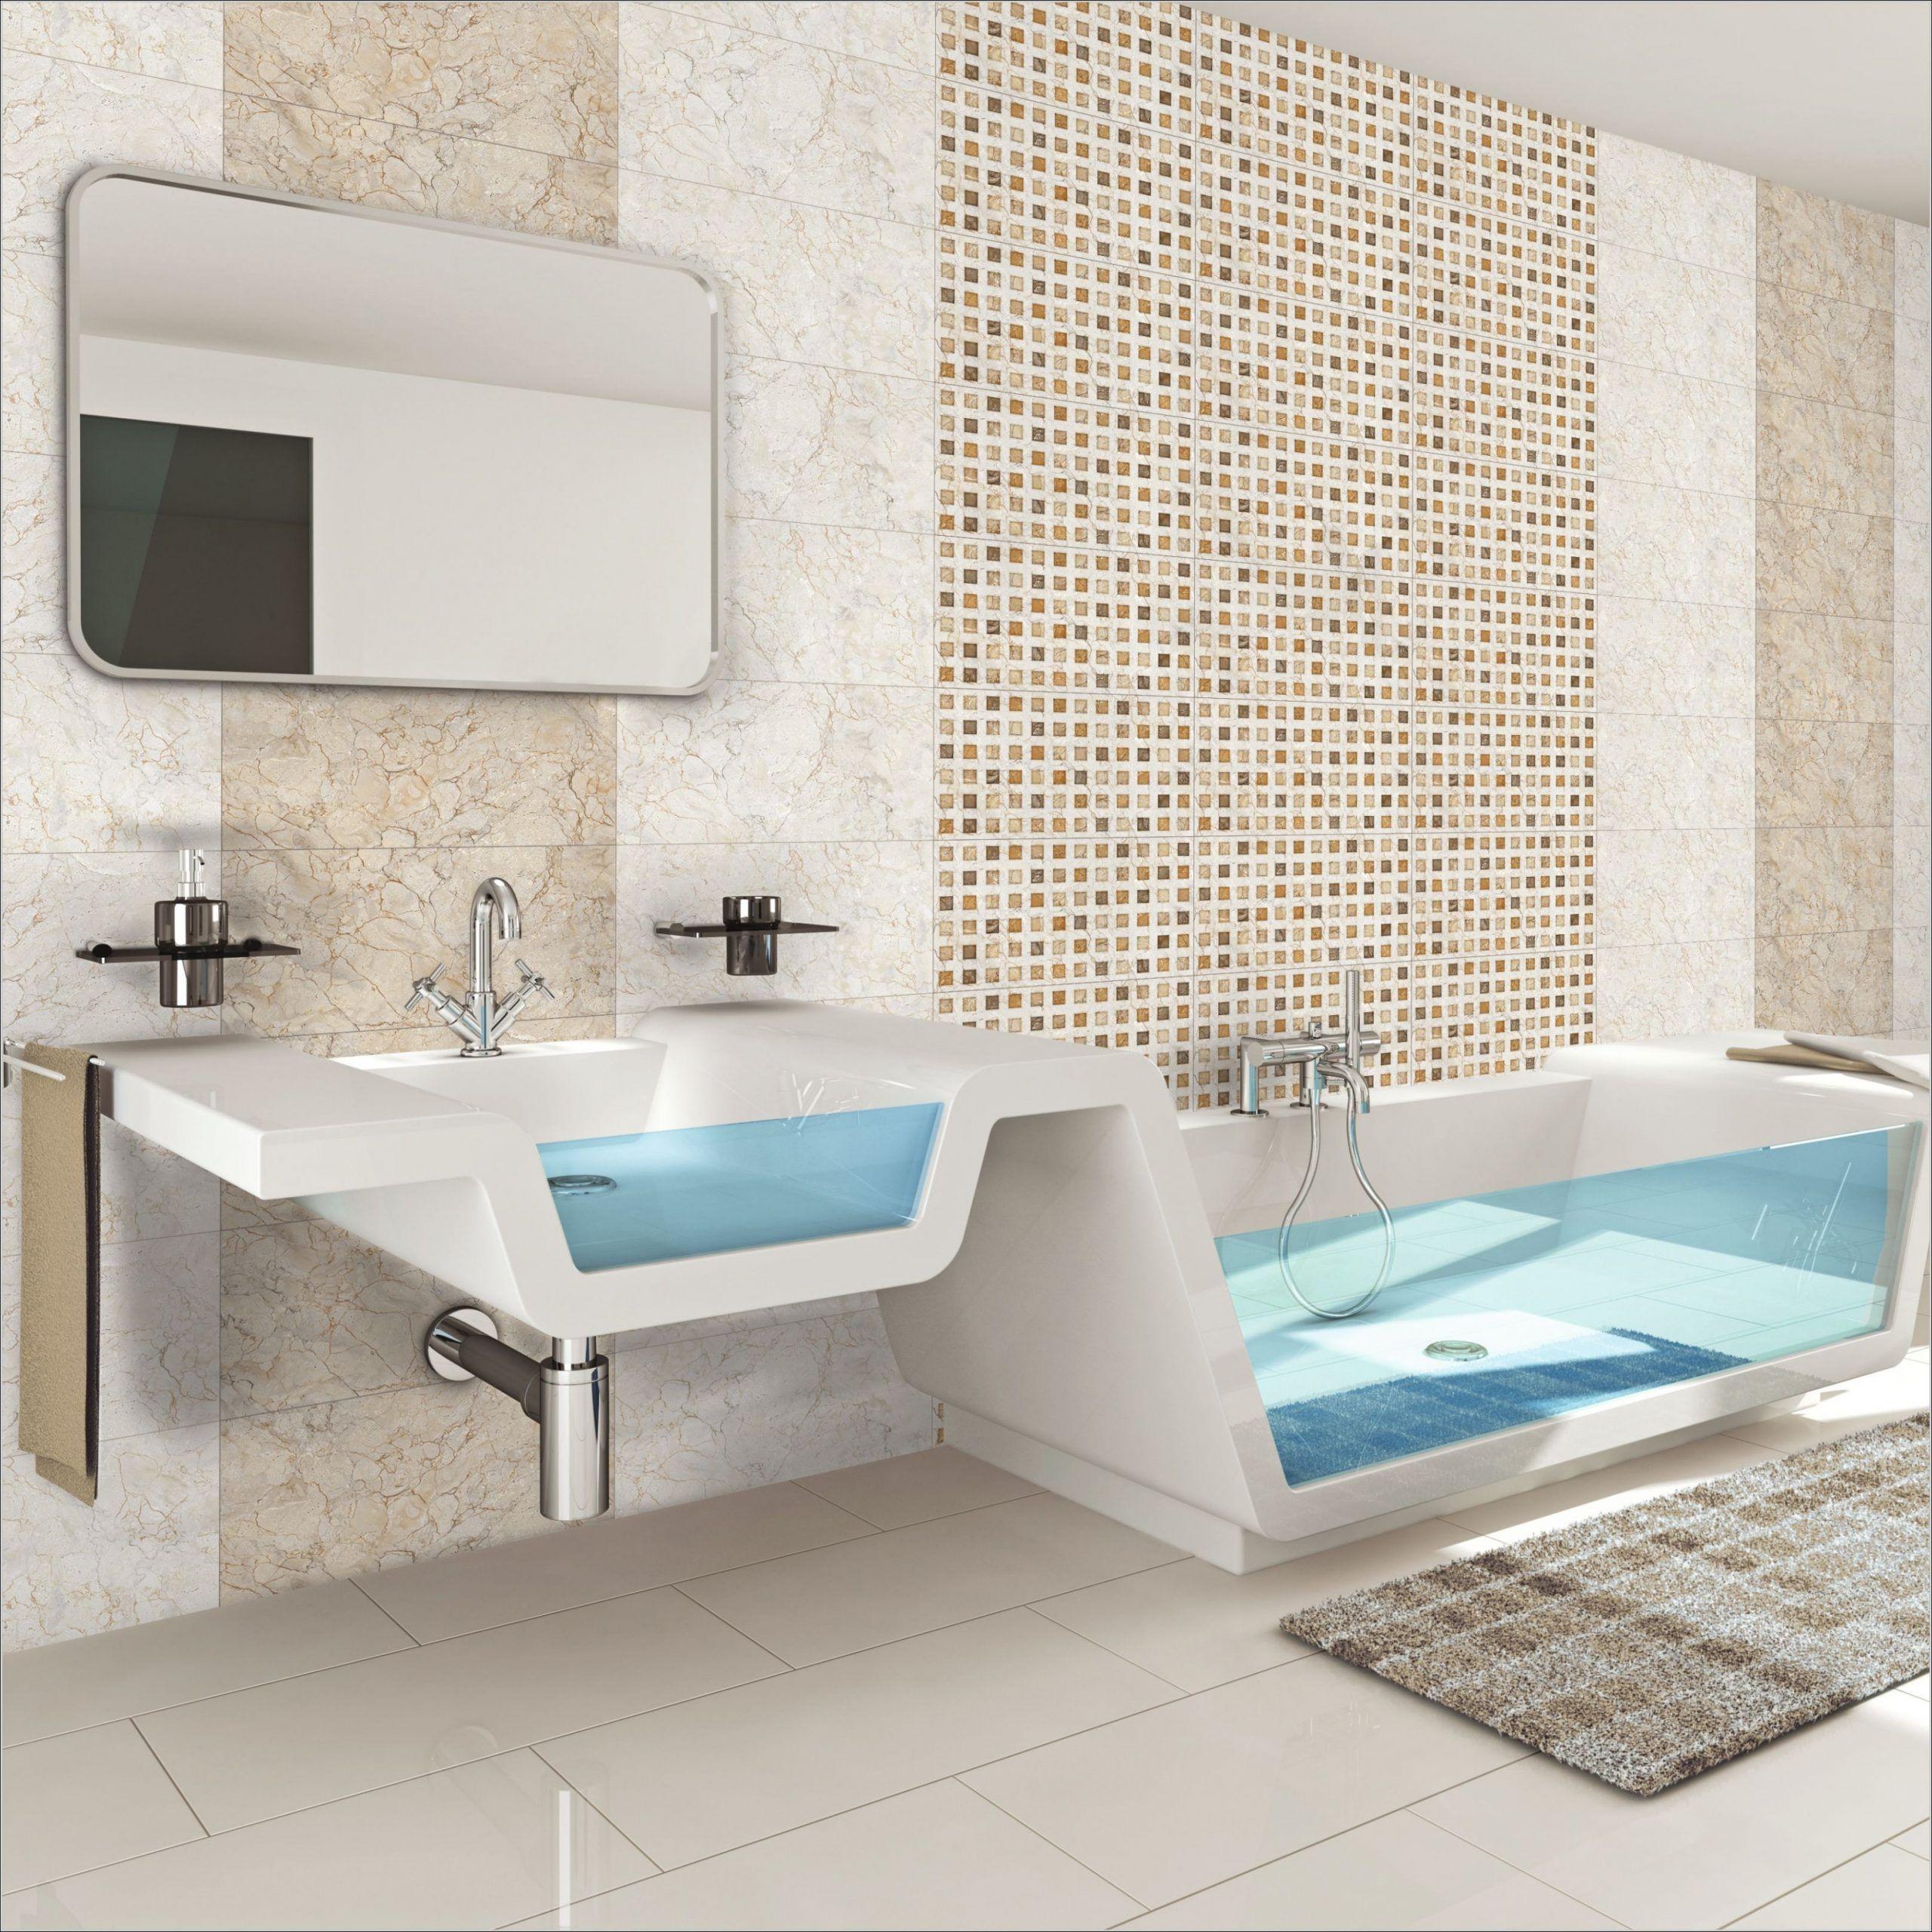 Somany Bathroom Wall Tiles In 2020 Bathroom Wall Tile Johnson Tiles Bathroom Wall